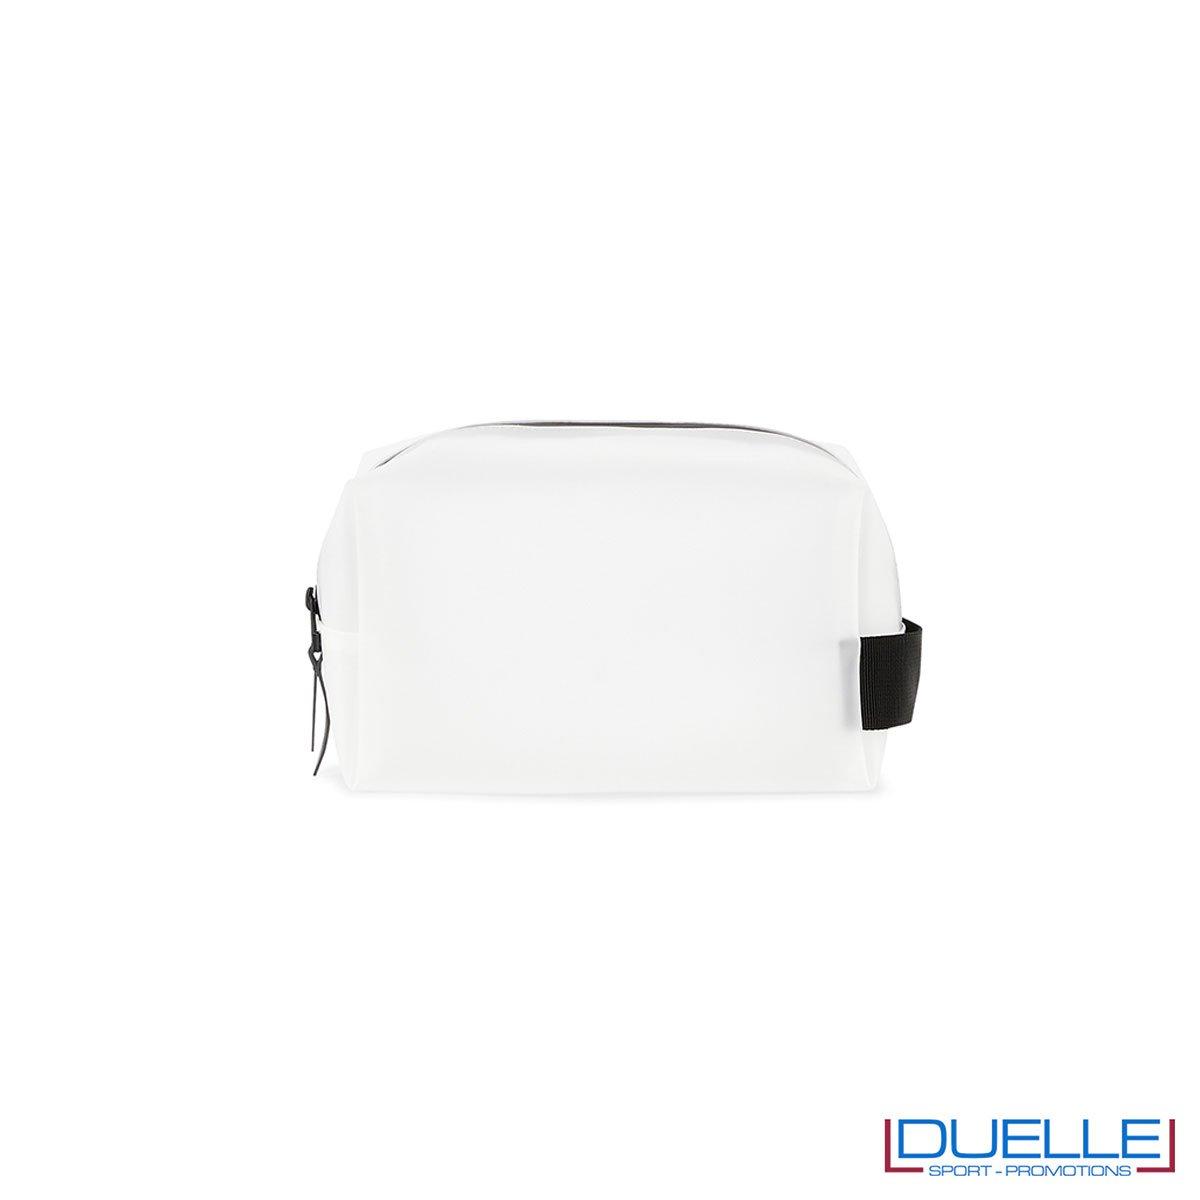 Wash bag rains impermeabile personalizzato bianco